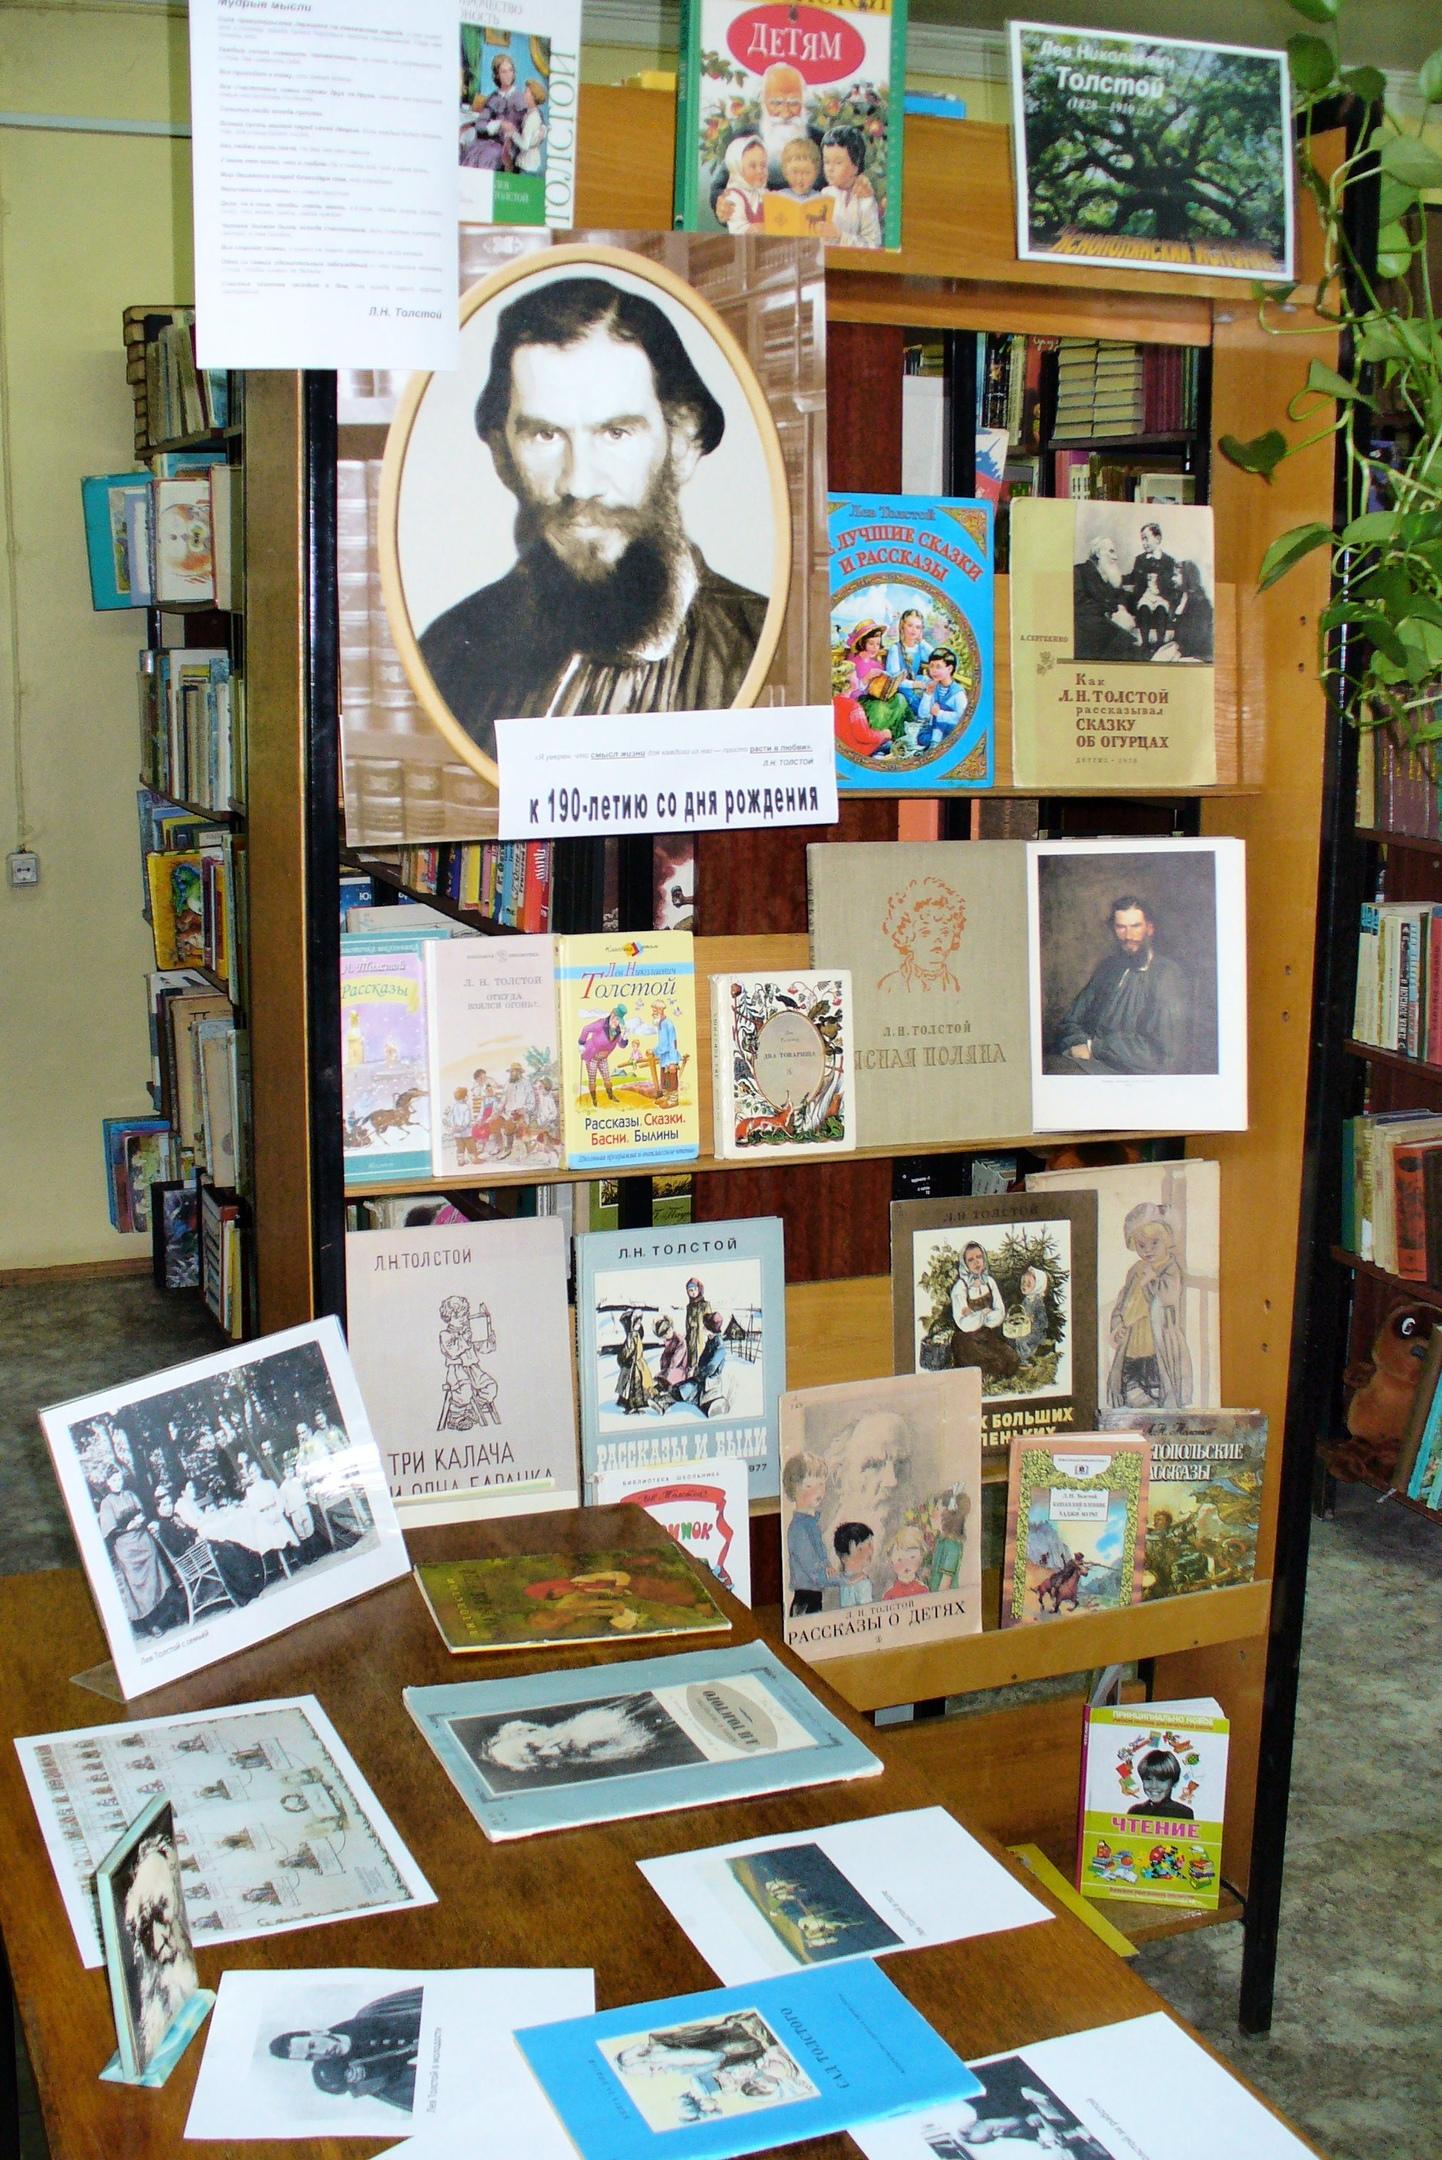 190 лет со дня рождения Л. Н. Толстого